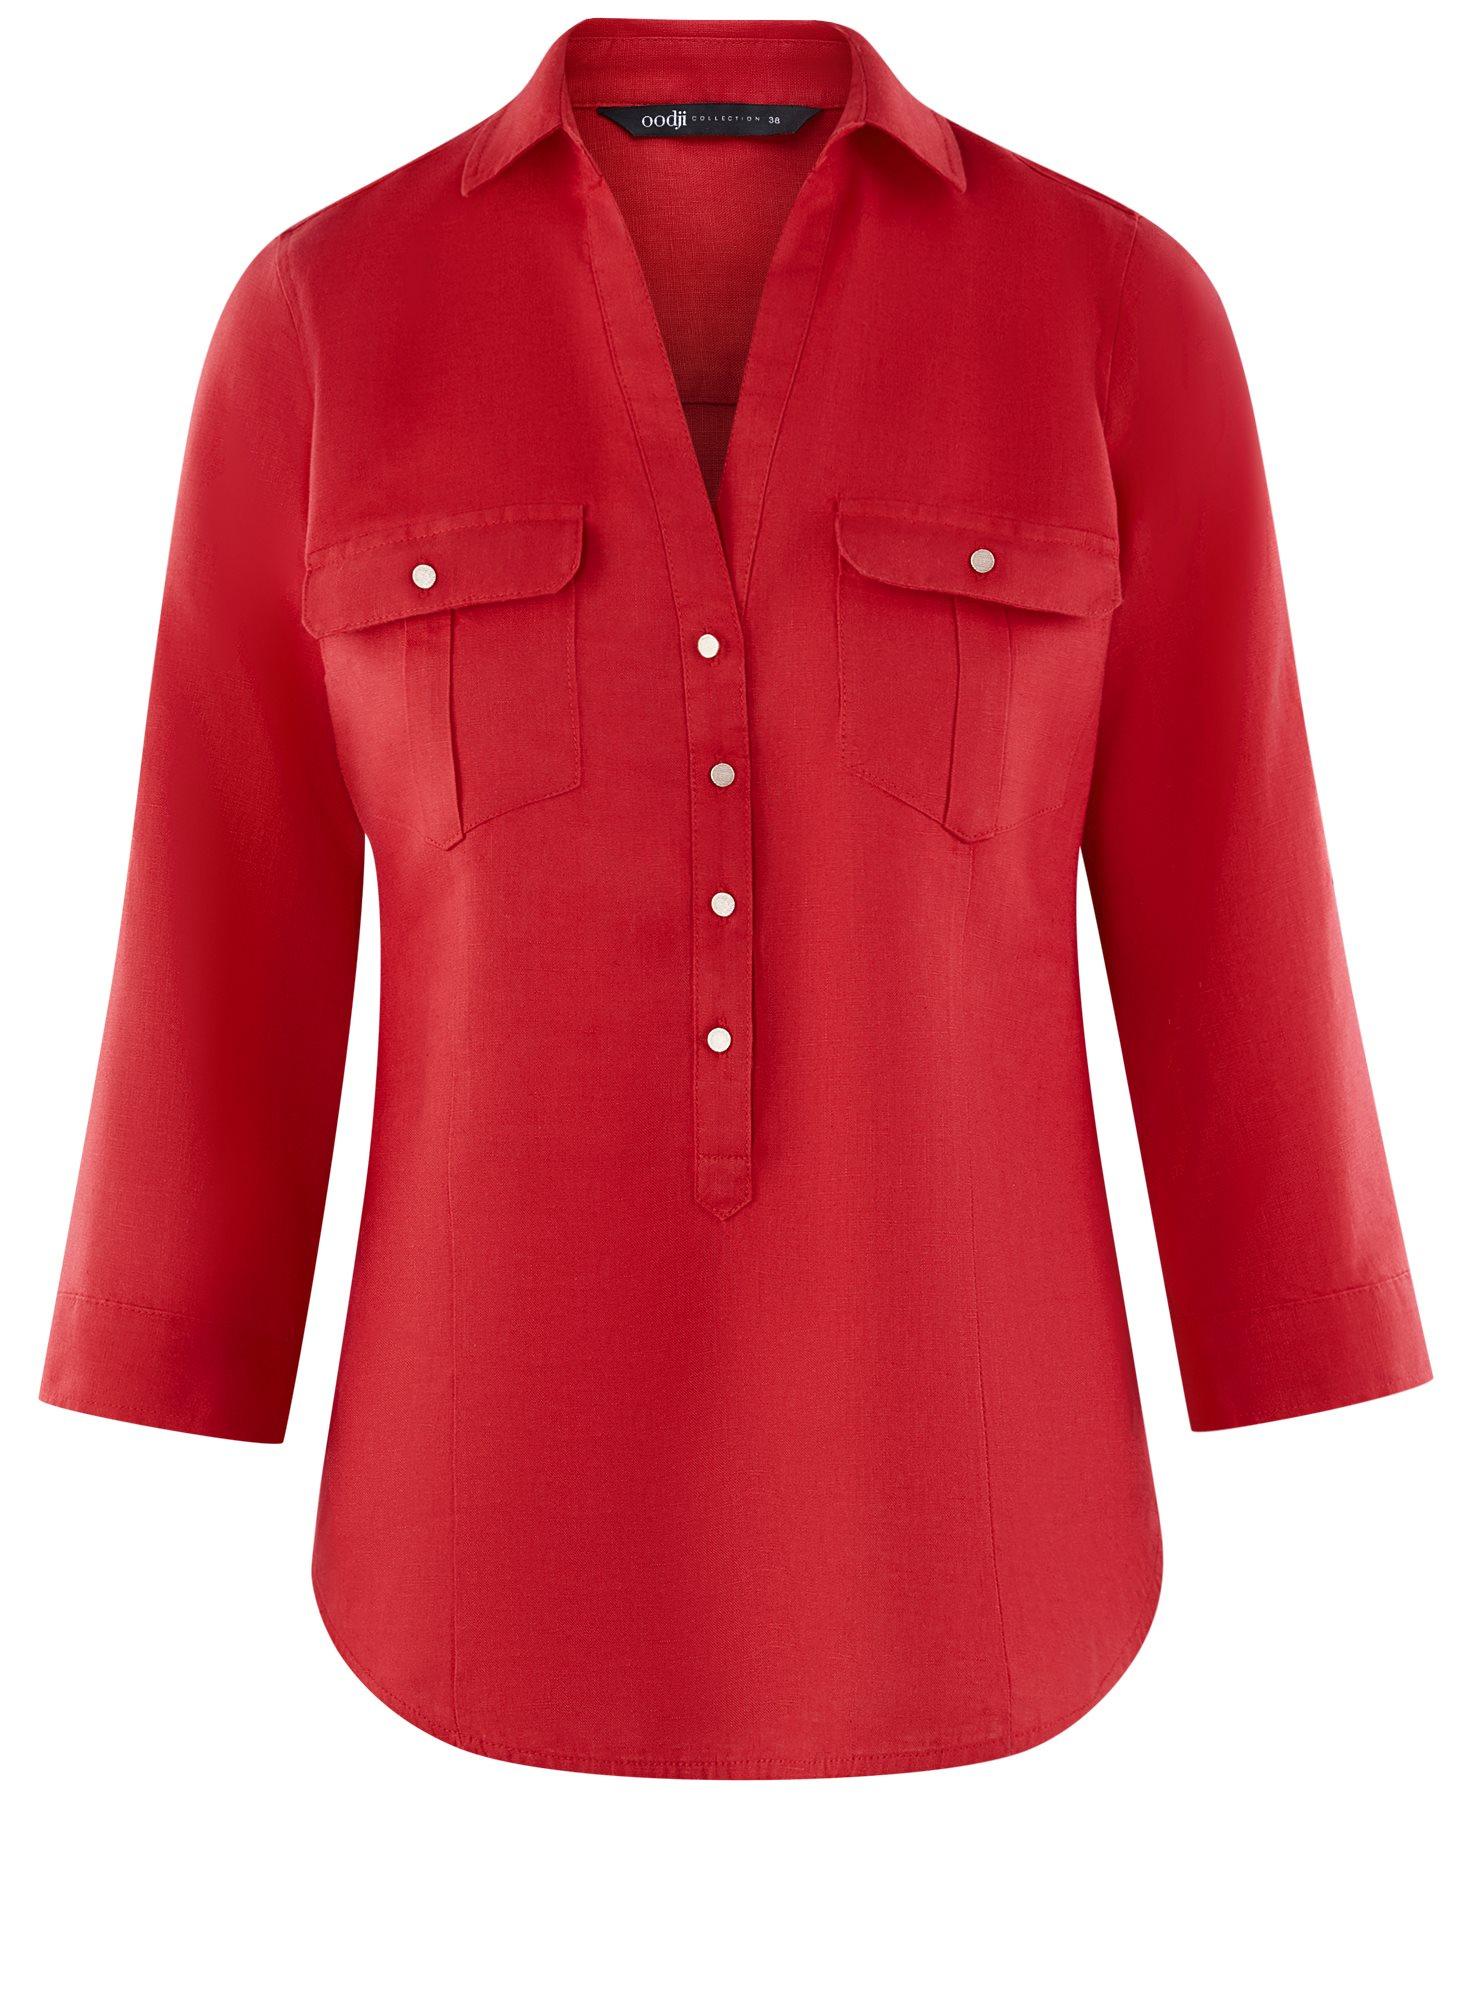 Блузка льняная с карманами oodji для женщины (красный), 21412145/42532/4500N